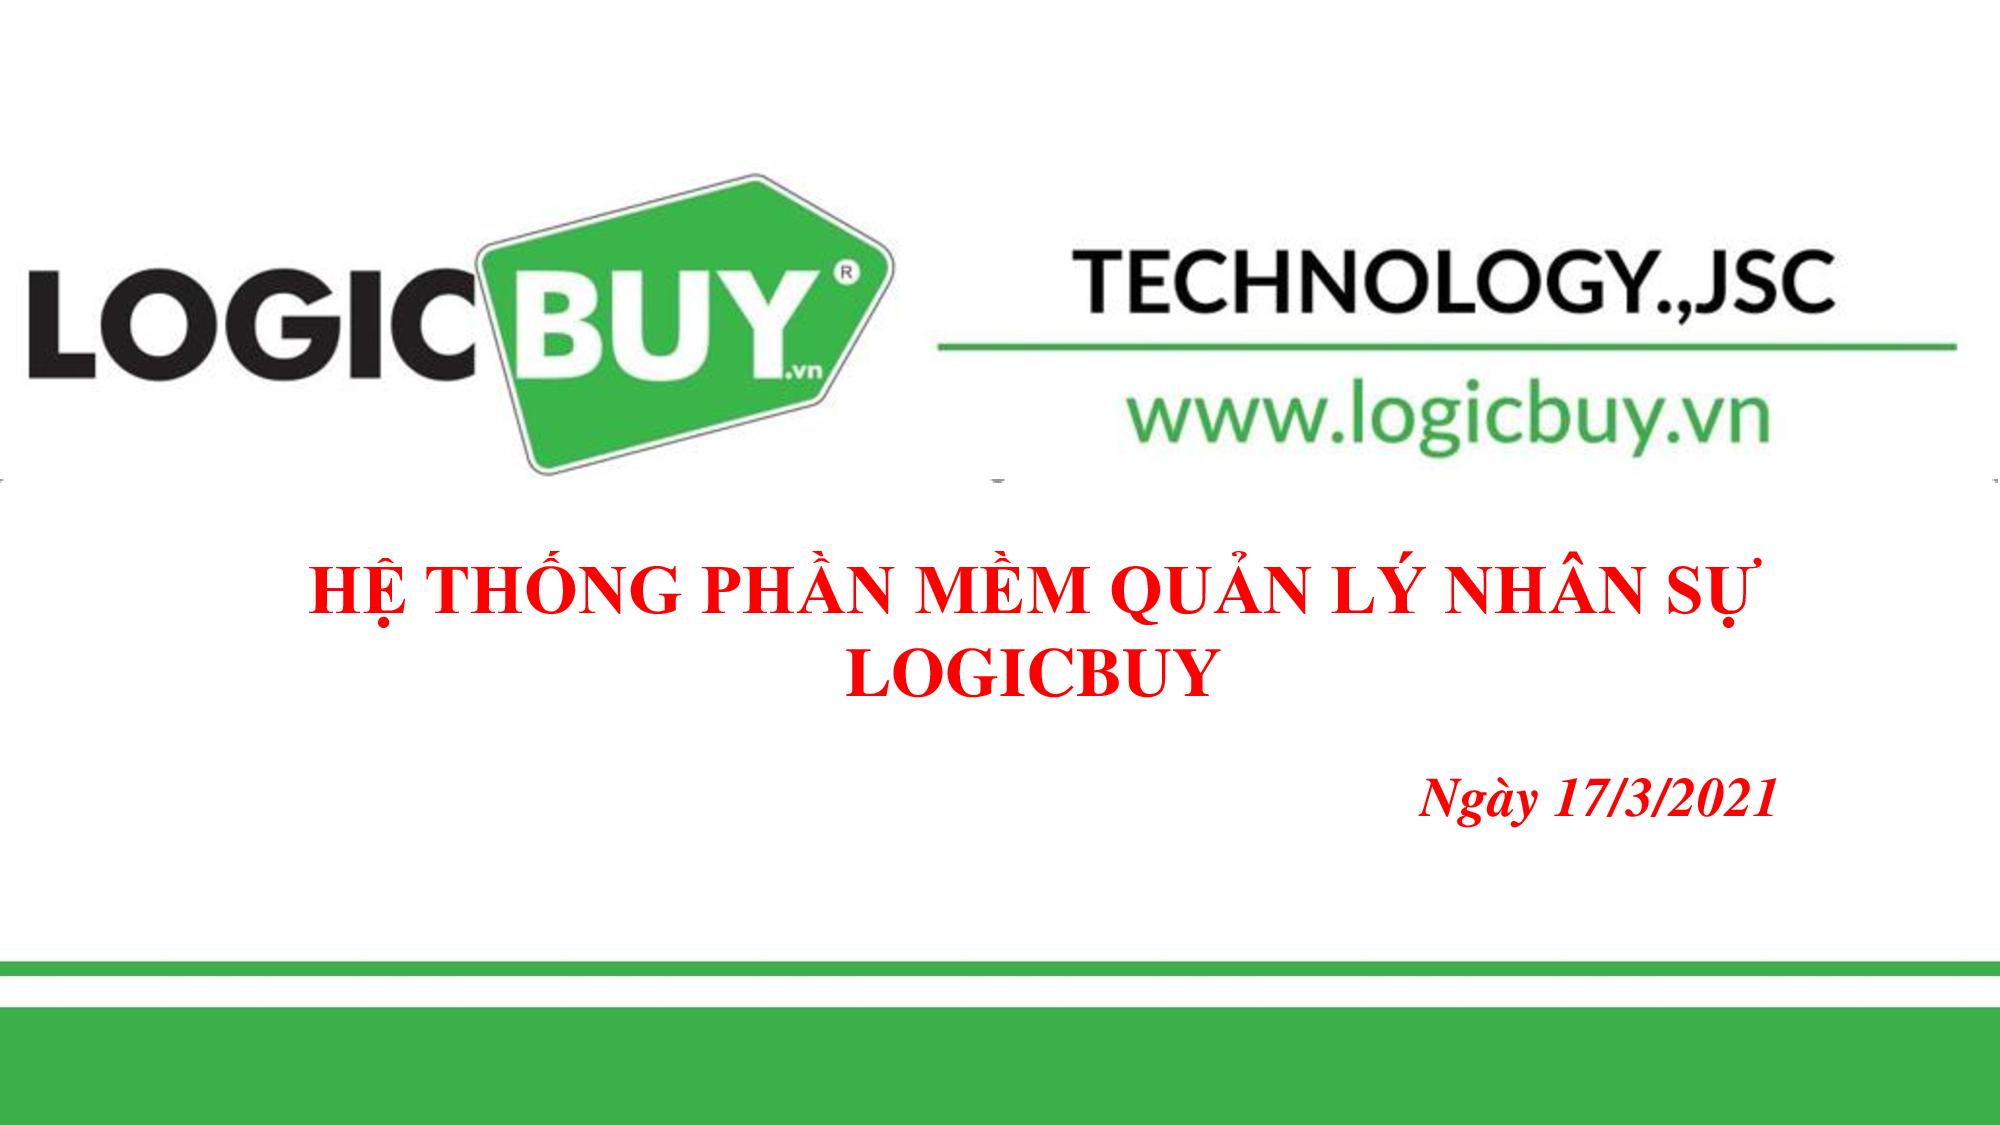 Phần mềm Quản lý Nhân sự LogicBUY